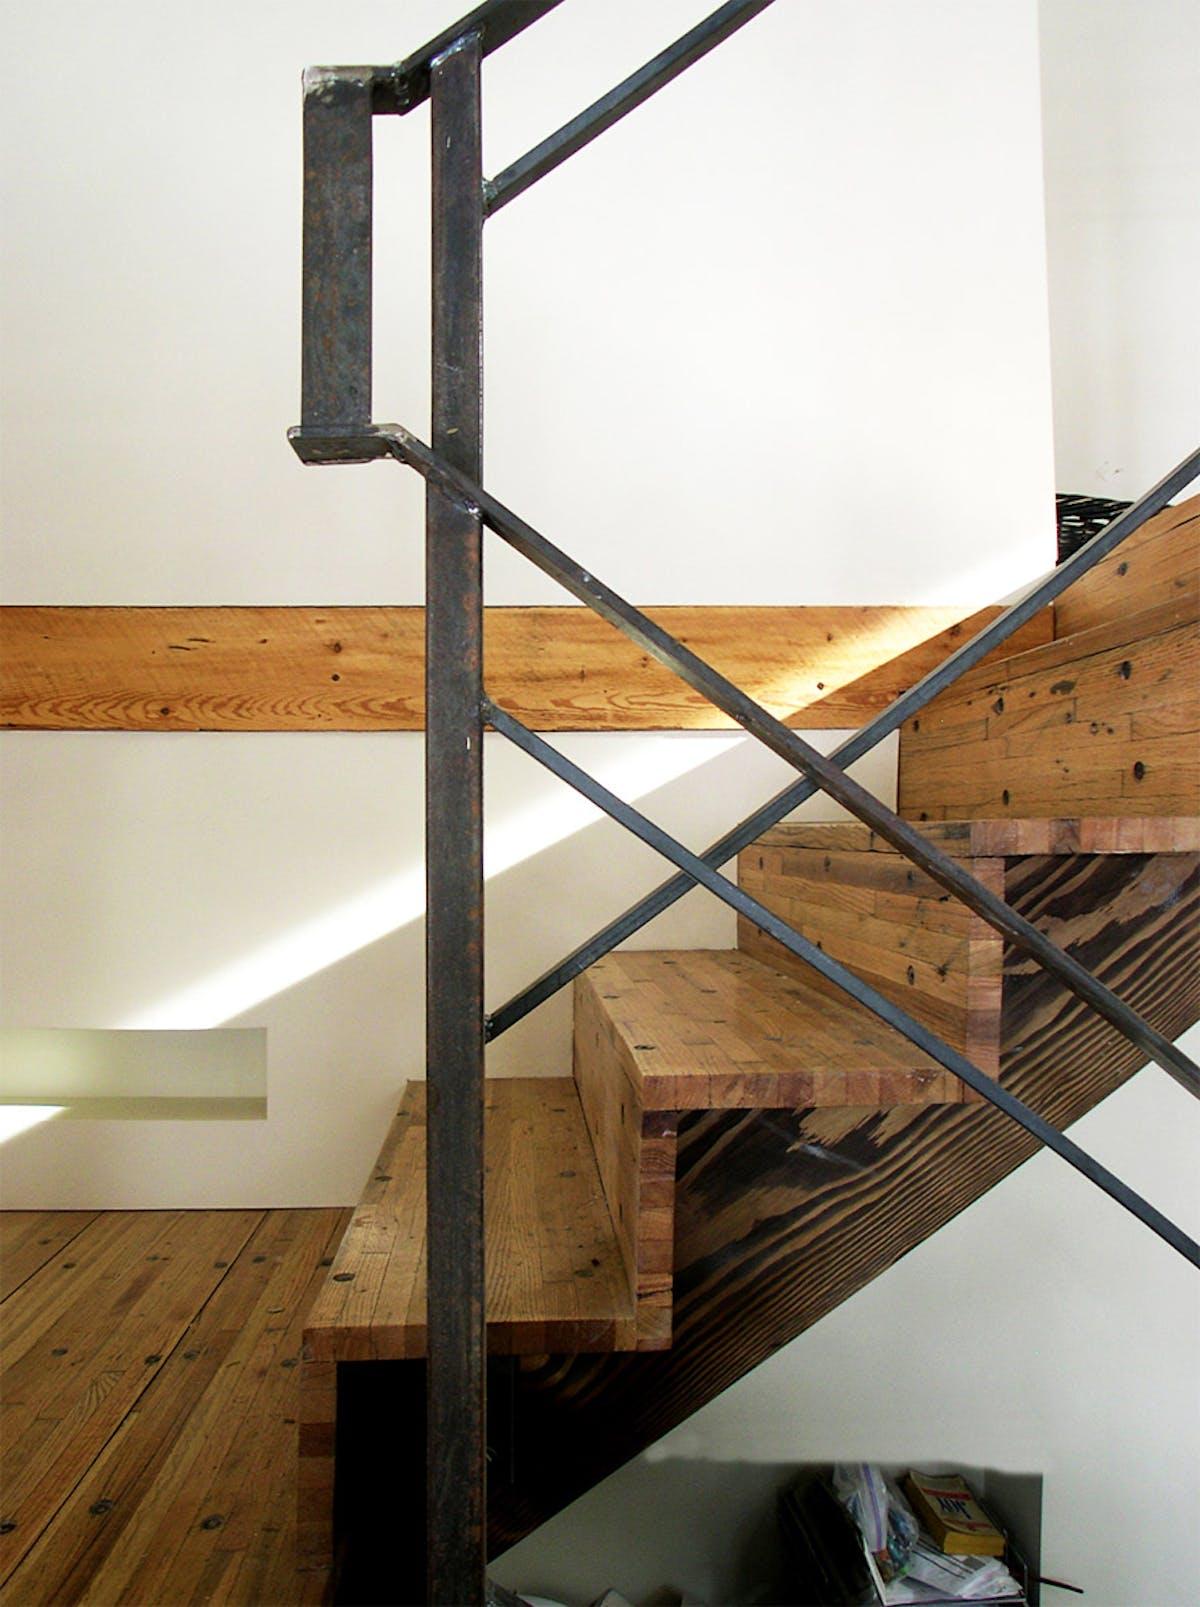 """Atelier D Architecture Alexandre Dreyssé ten top images on archinect's """"details"""" pinterest board"""